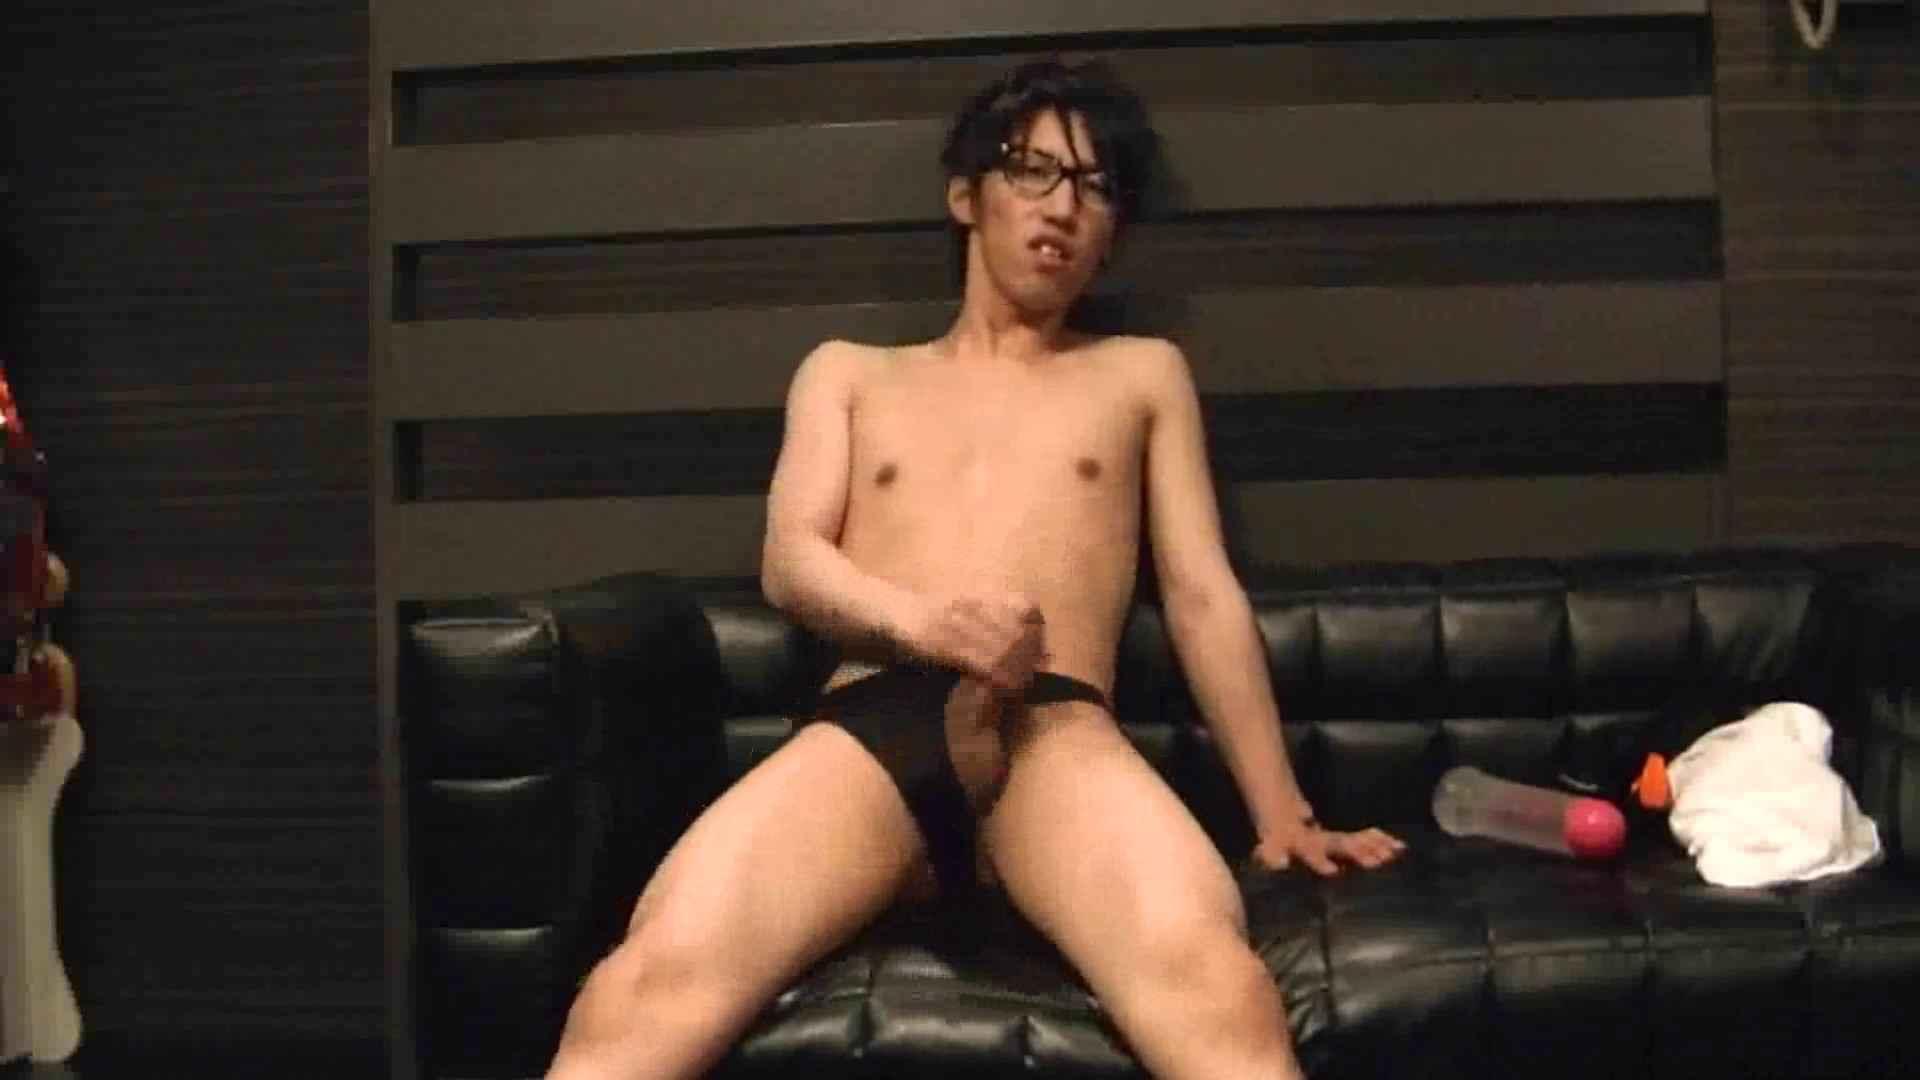 ONA見せカーニバル!! Vol3 ゲイのオナニー映像  103枚 102